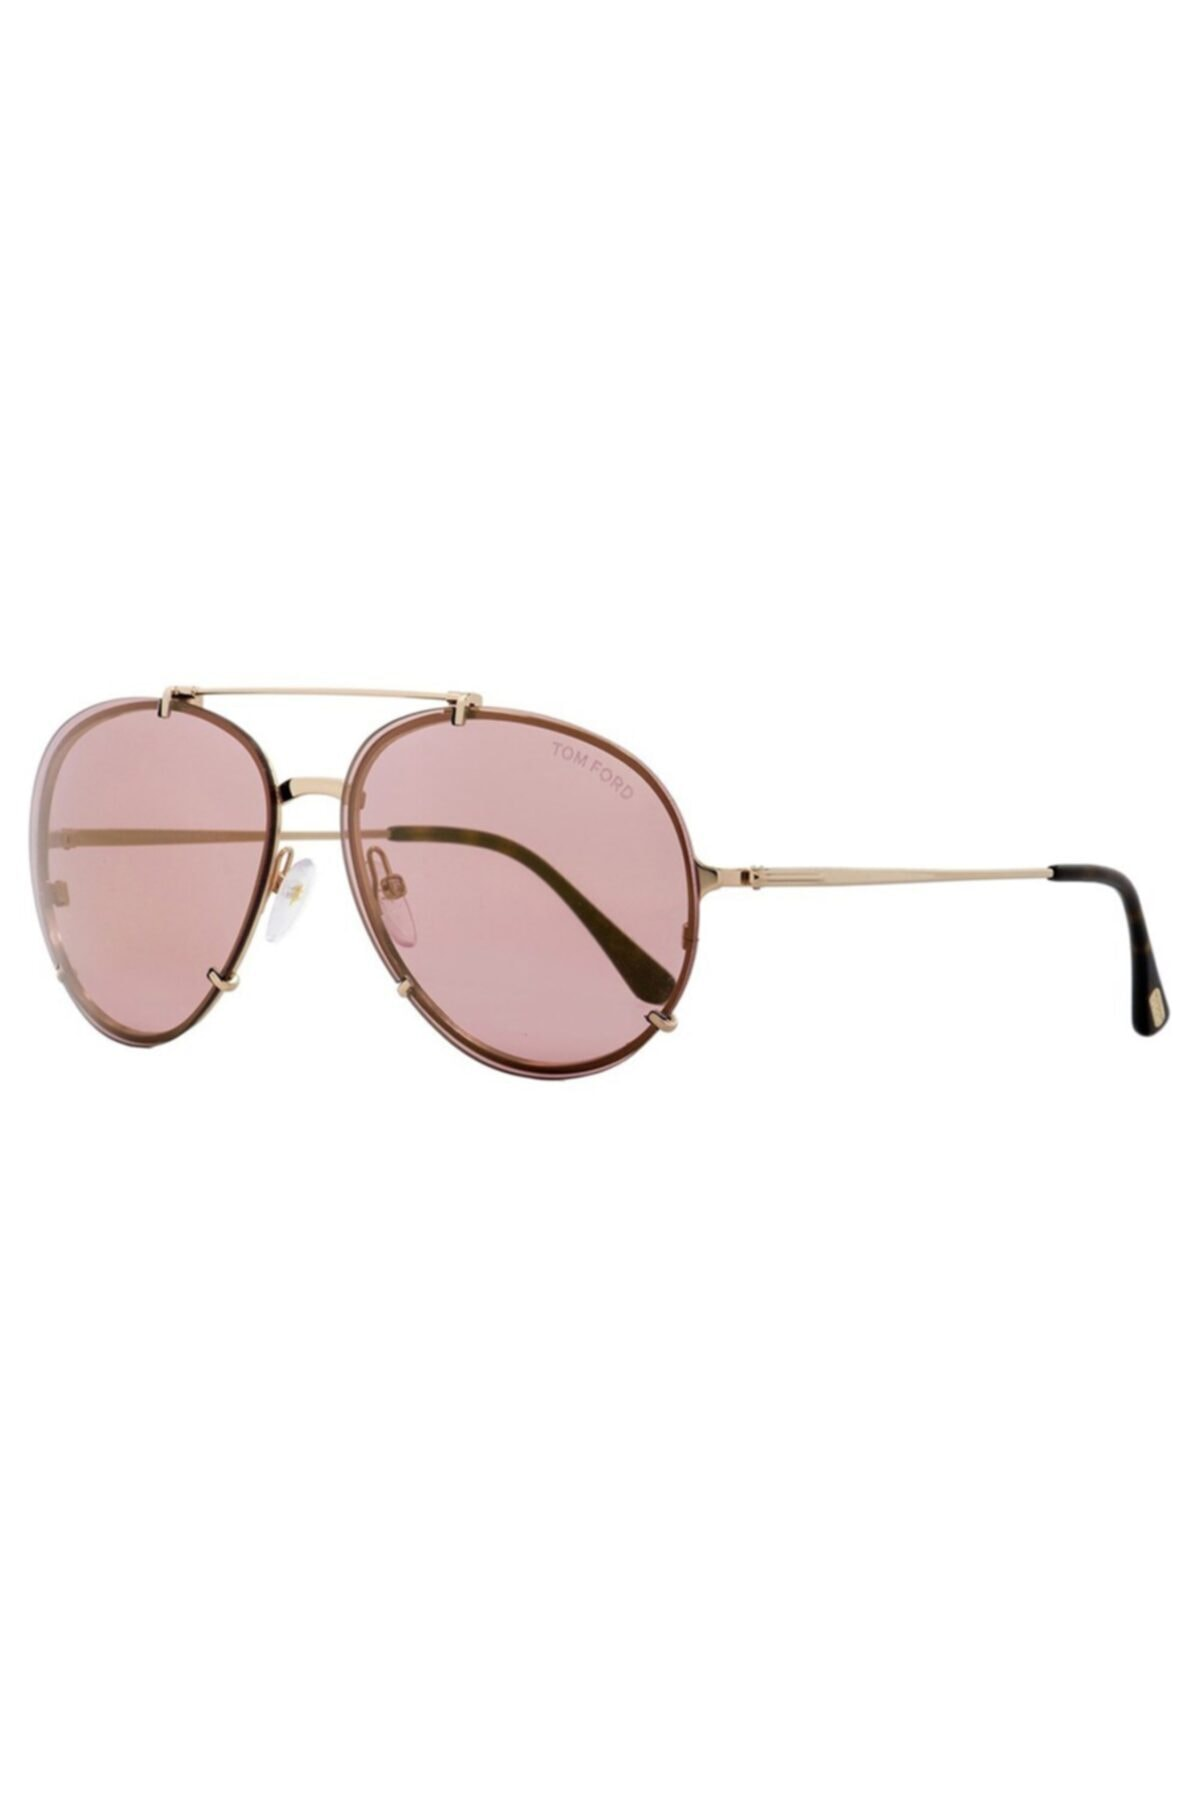 خرید اینترنتی عینک آفتابی خاص زنانه برند Tom Ford رنگ طلایی ty67943540